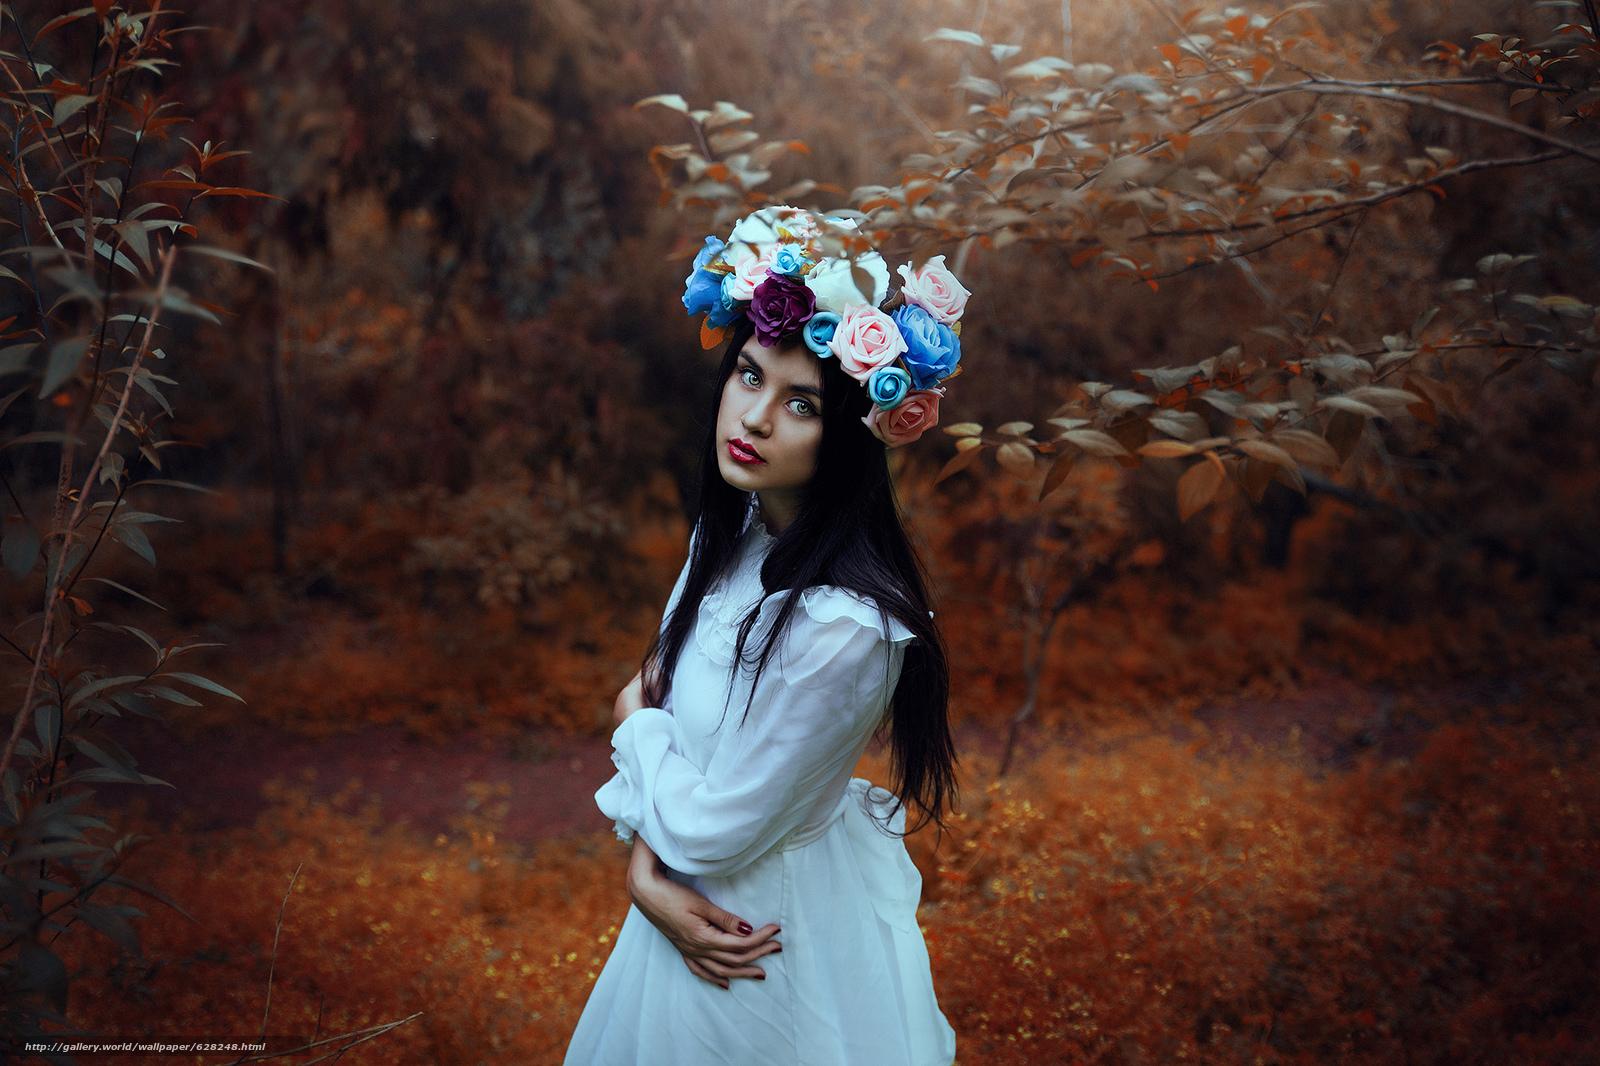 девушка, настроение, взгляд, венок, цветы, лес